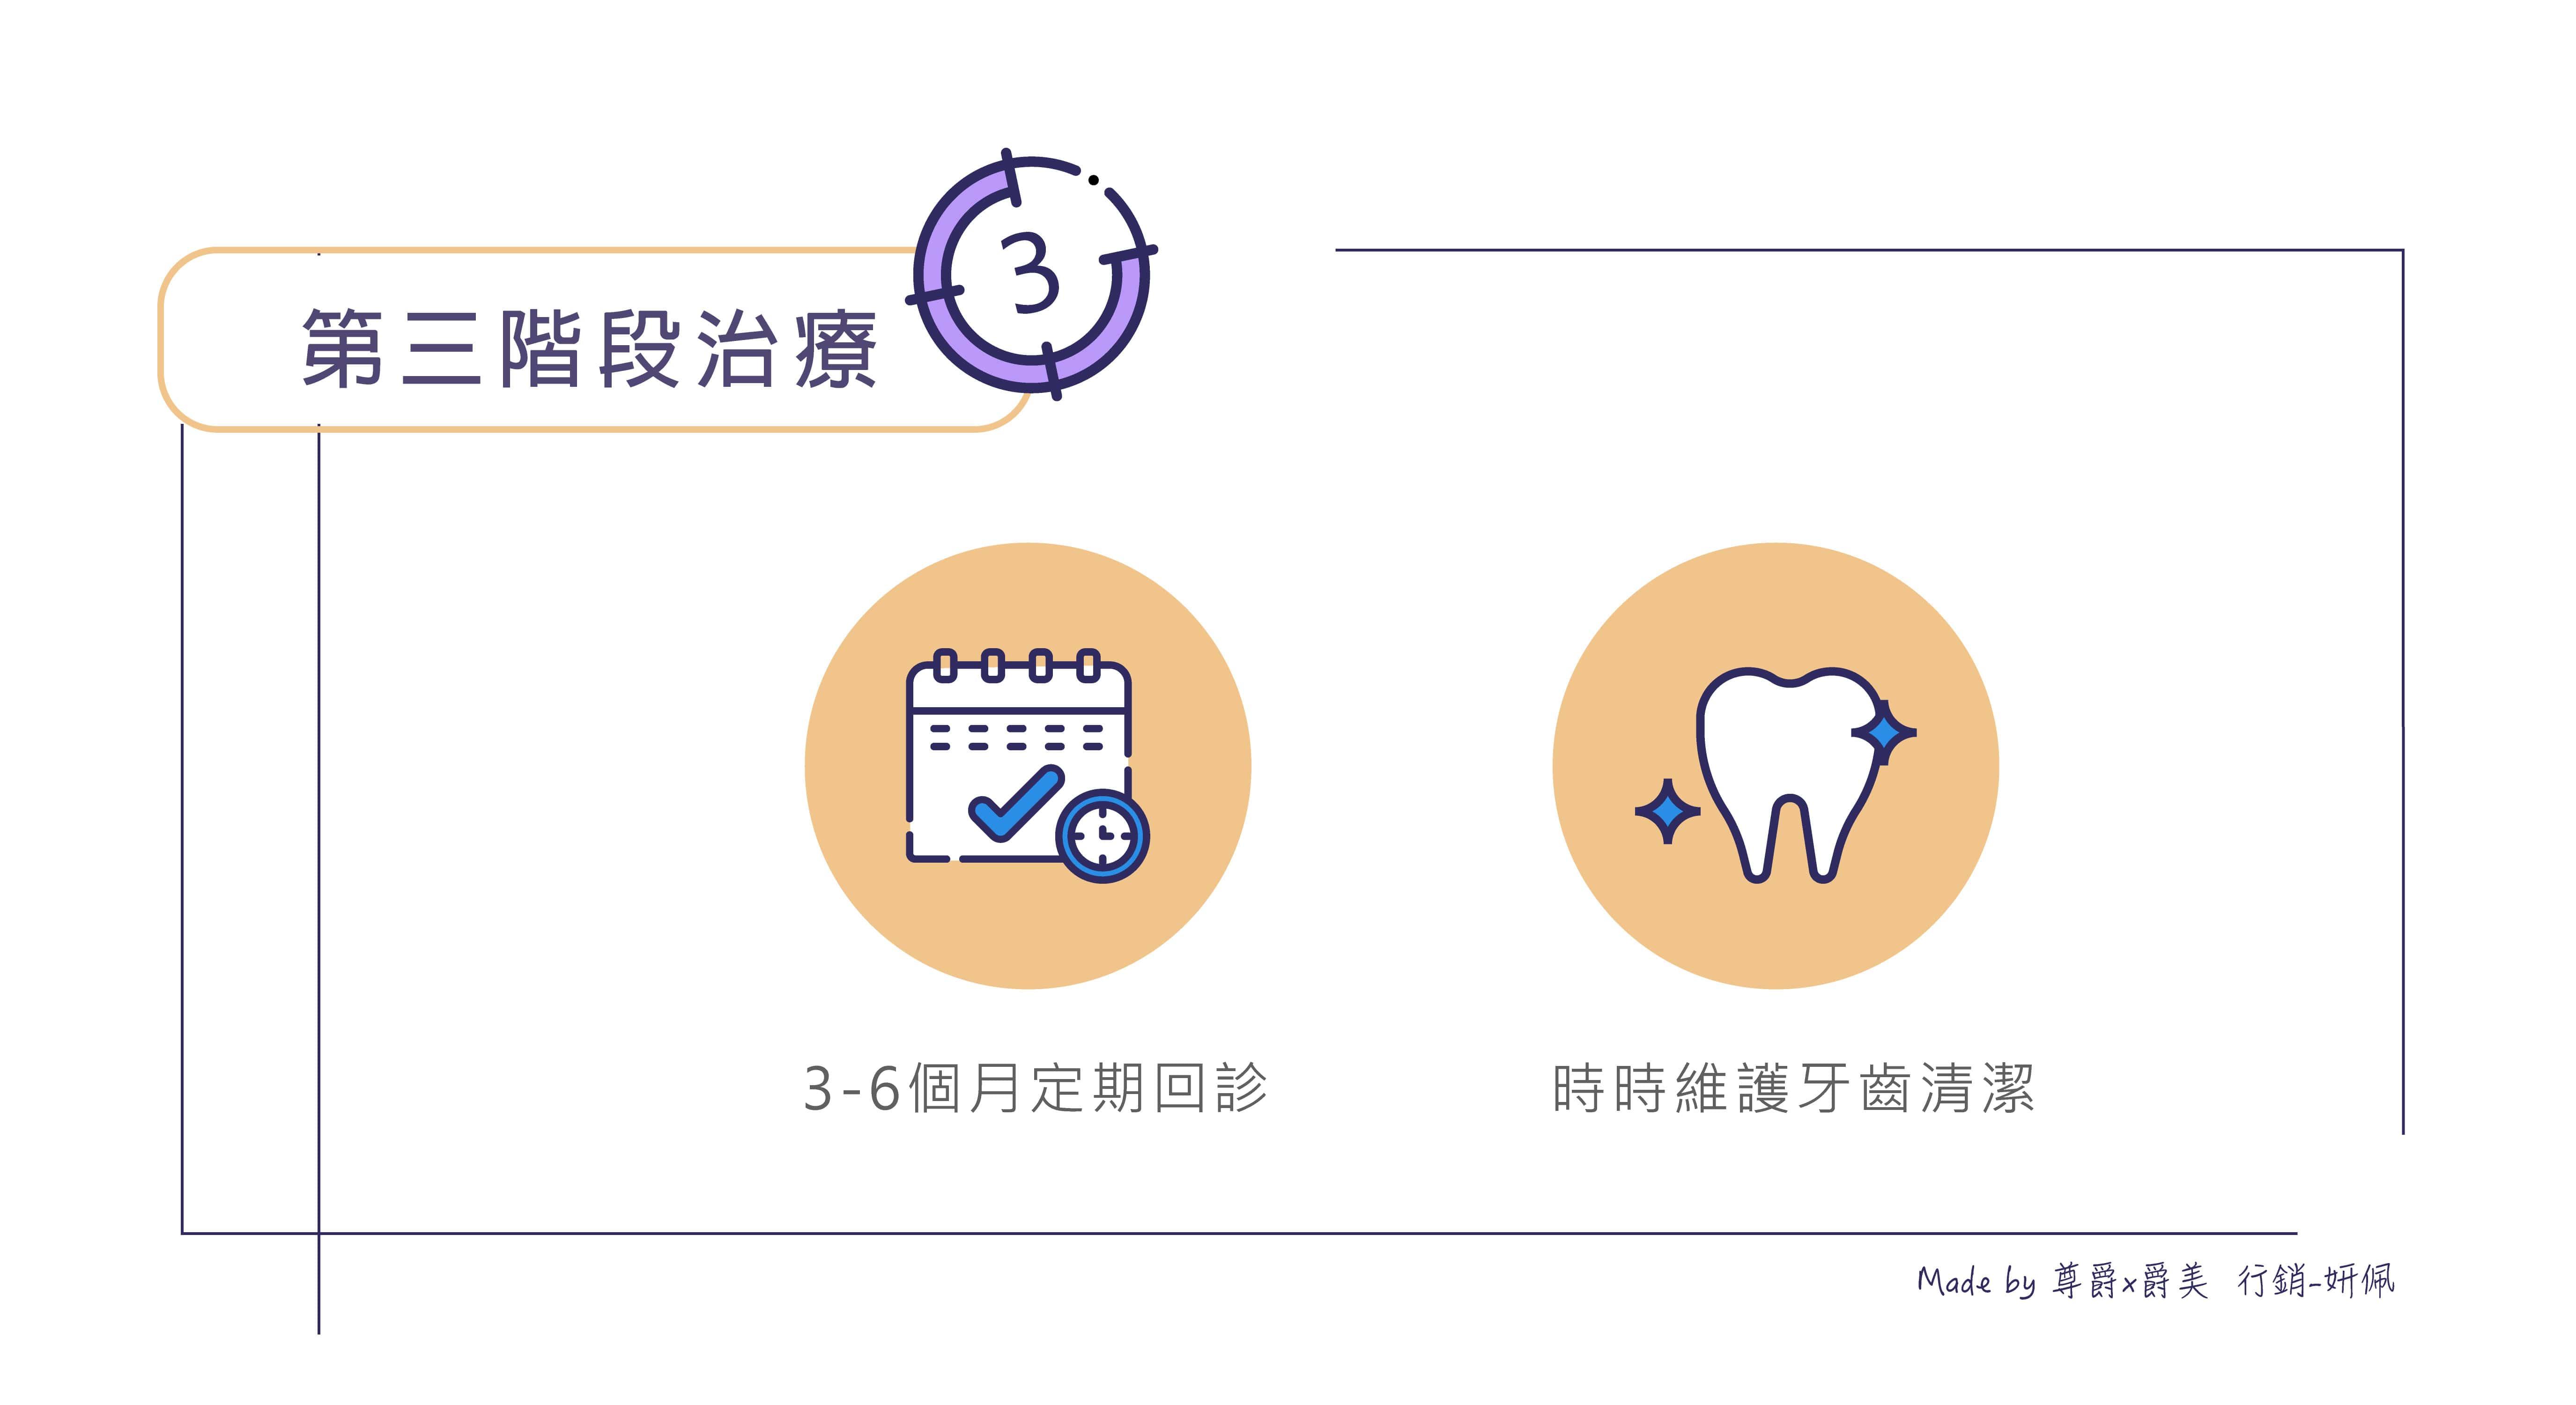 periodontal-disease 牙周病 爵美牙醫 尊爵牙醫